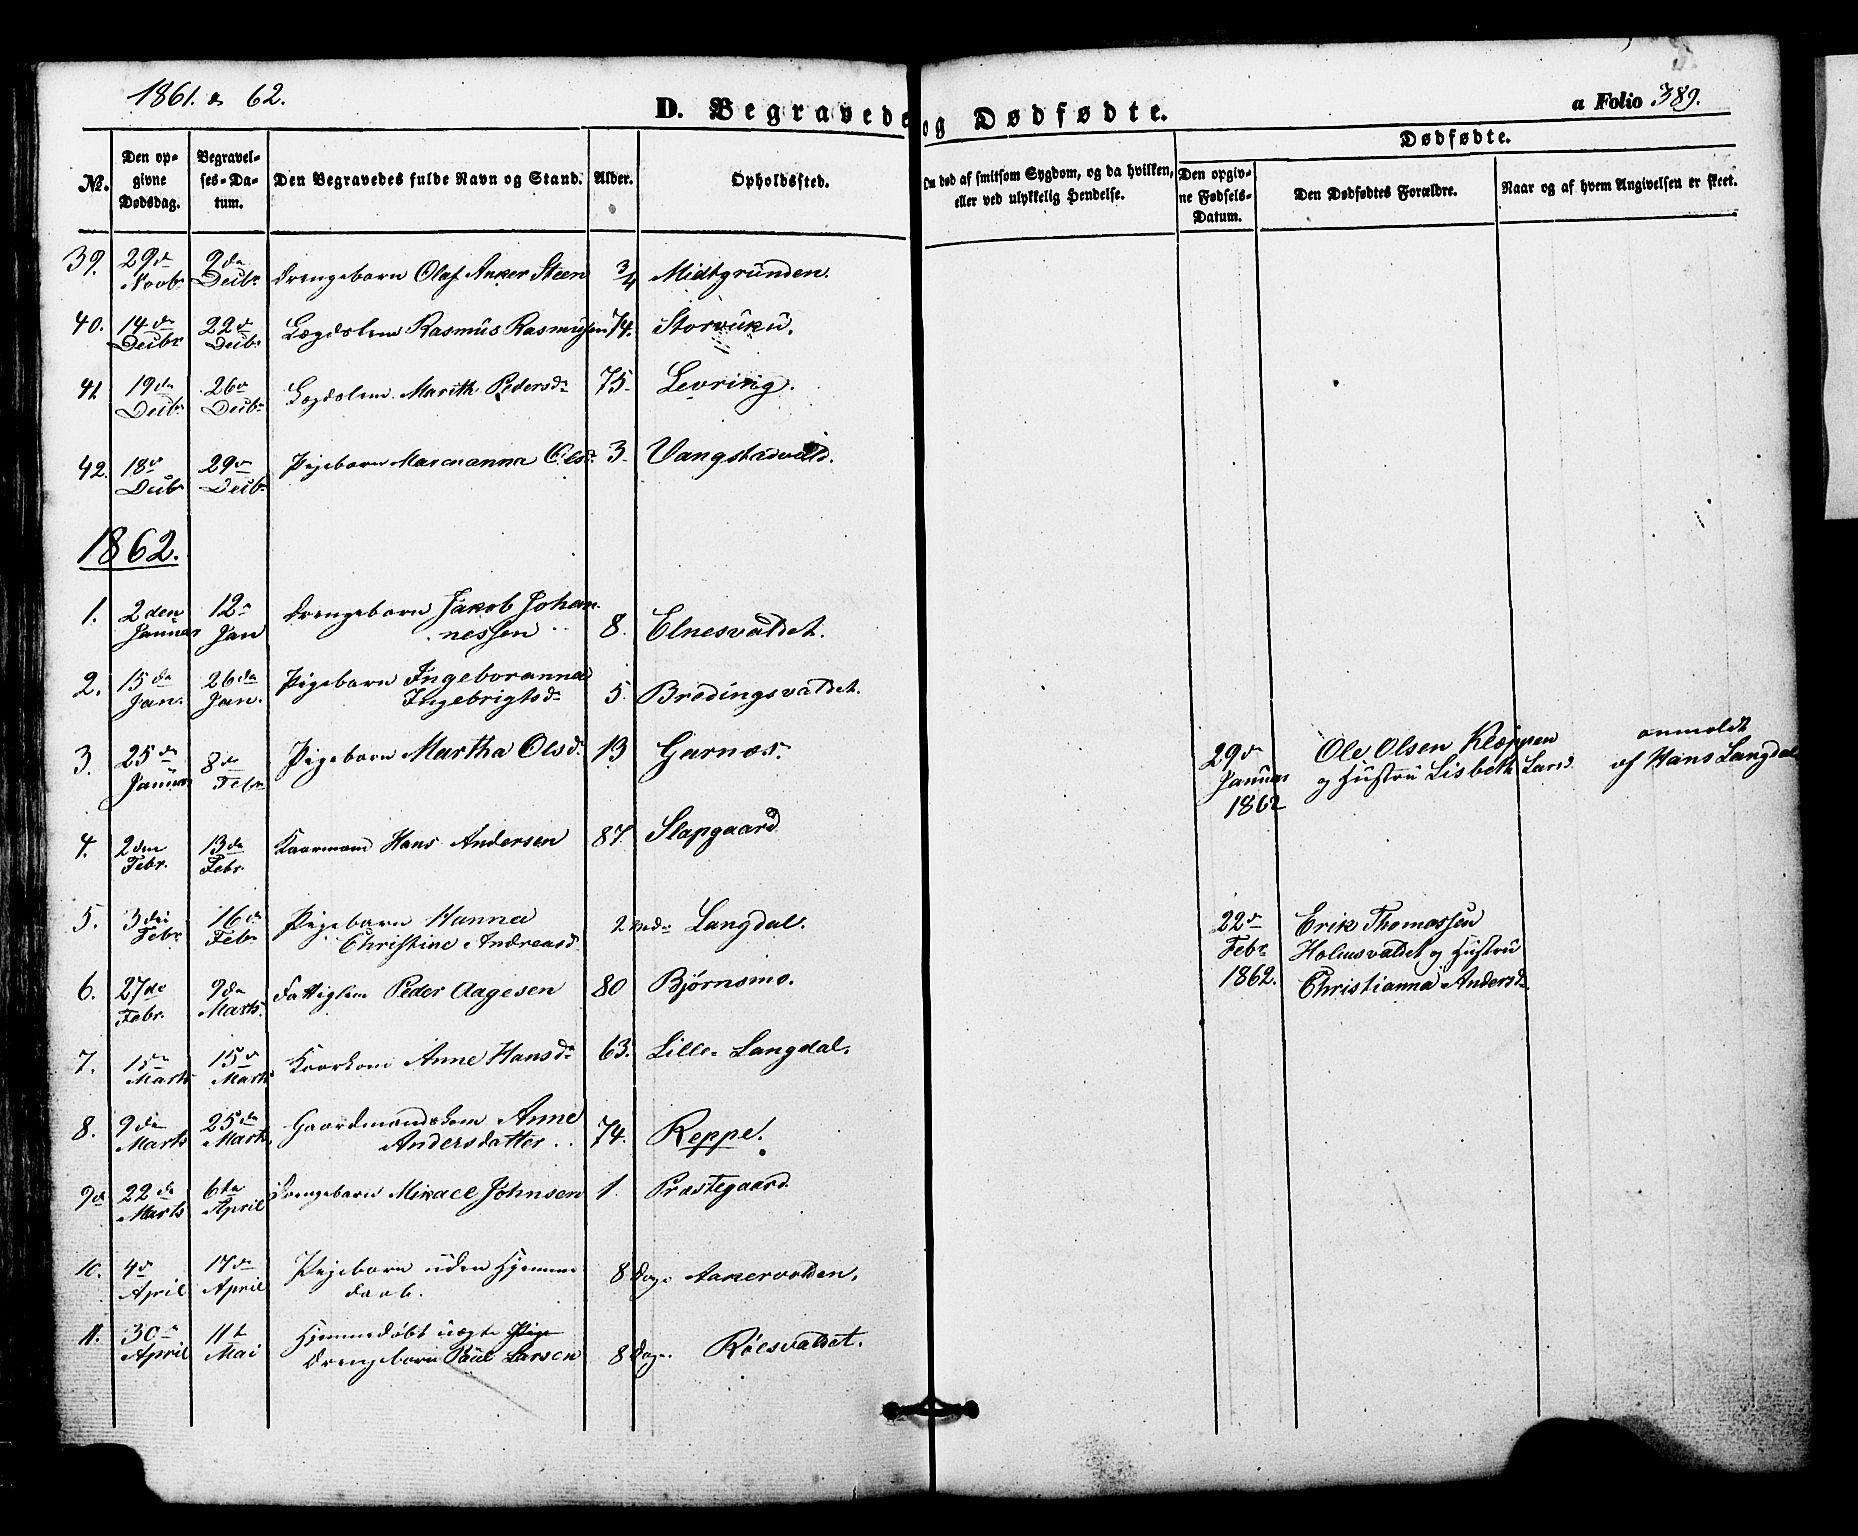 SAT, Ministerialprotokoller, klokkerbøker og fødselsregistre - Nord-Trøndelag, 724/L0268: Klokkerbok nr. 724C04, 1846-1878, s. 389